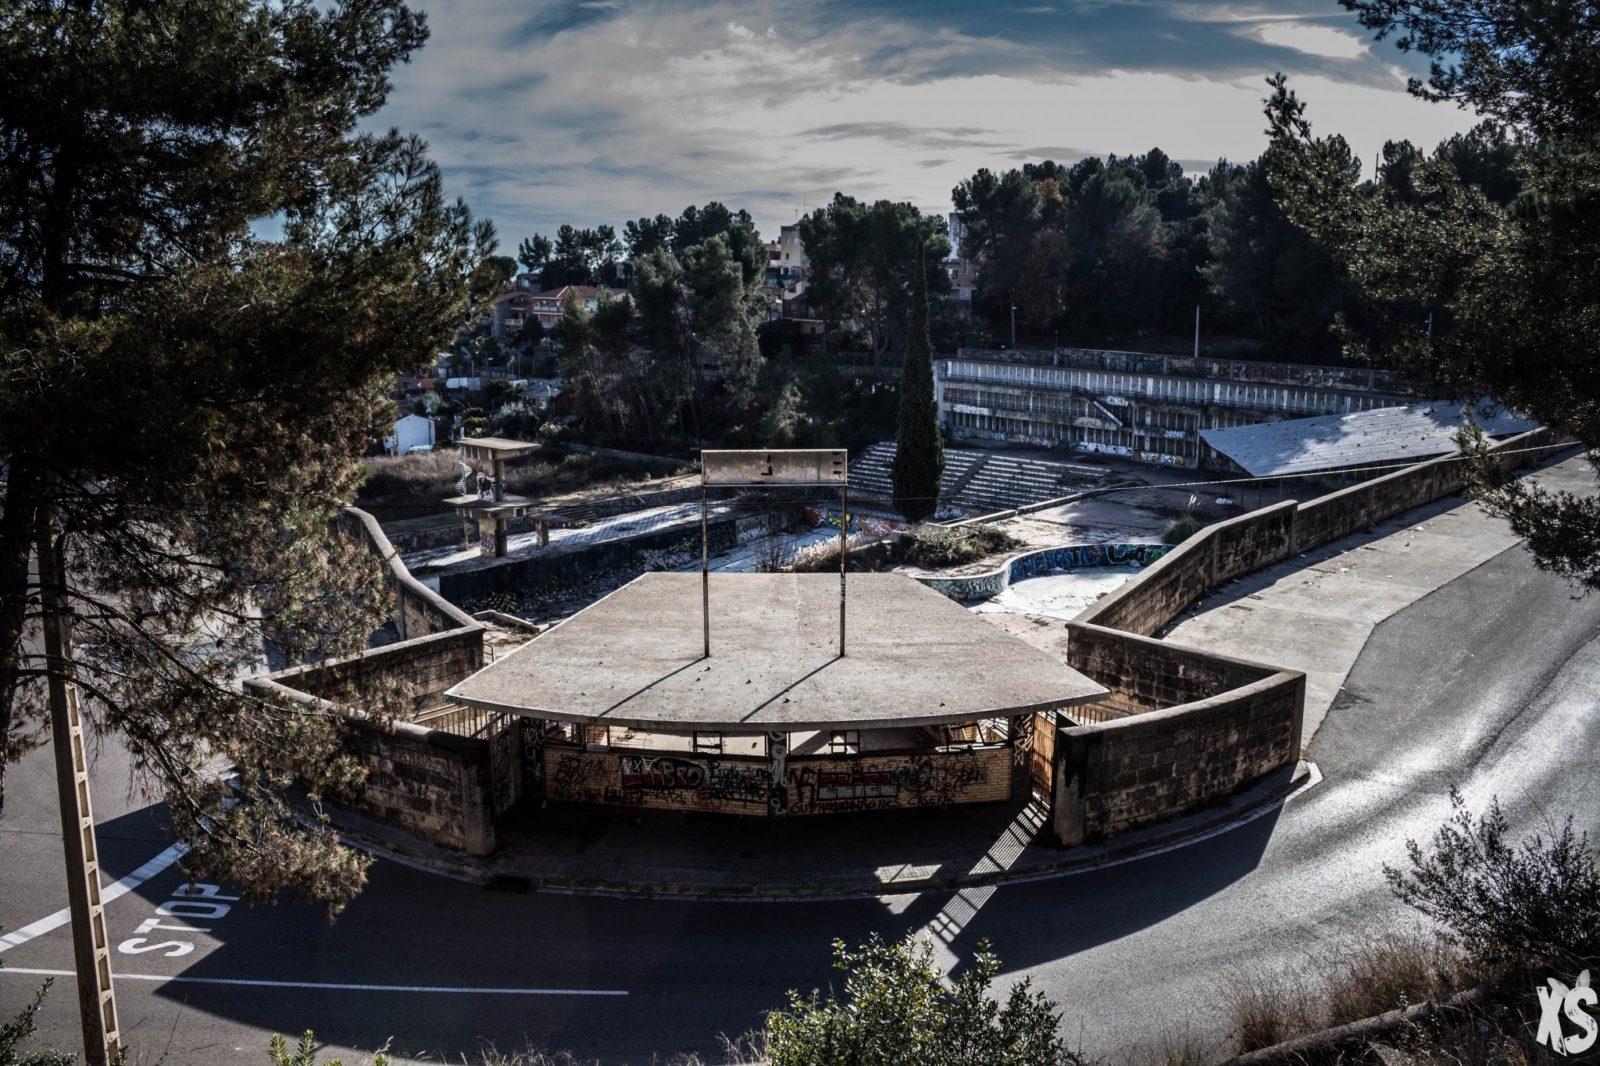 Piscine olympique de la Vega 10urbex radar exlporation piscine abandon fantome - Piscines olympiques et parcs aquatiques : les plus beaux spots abandonnés